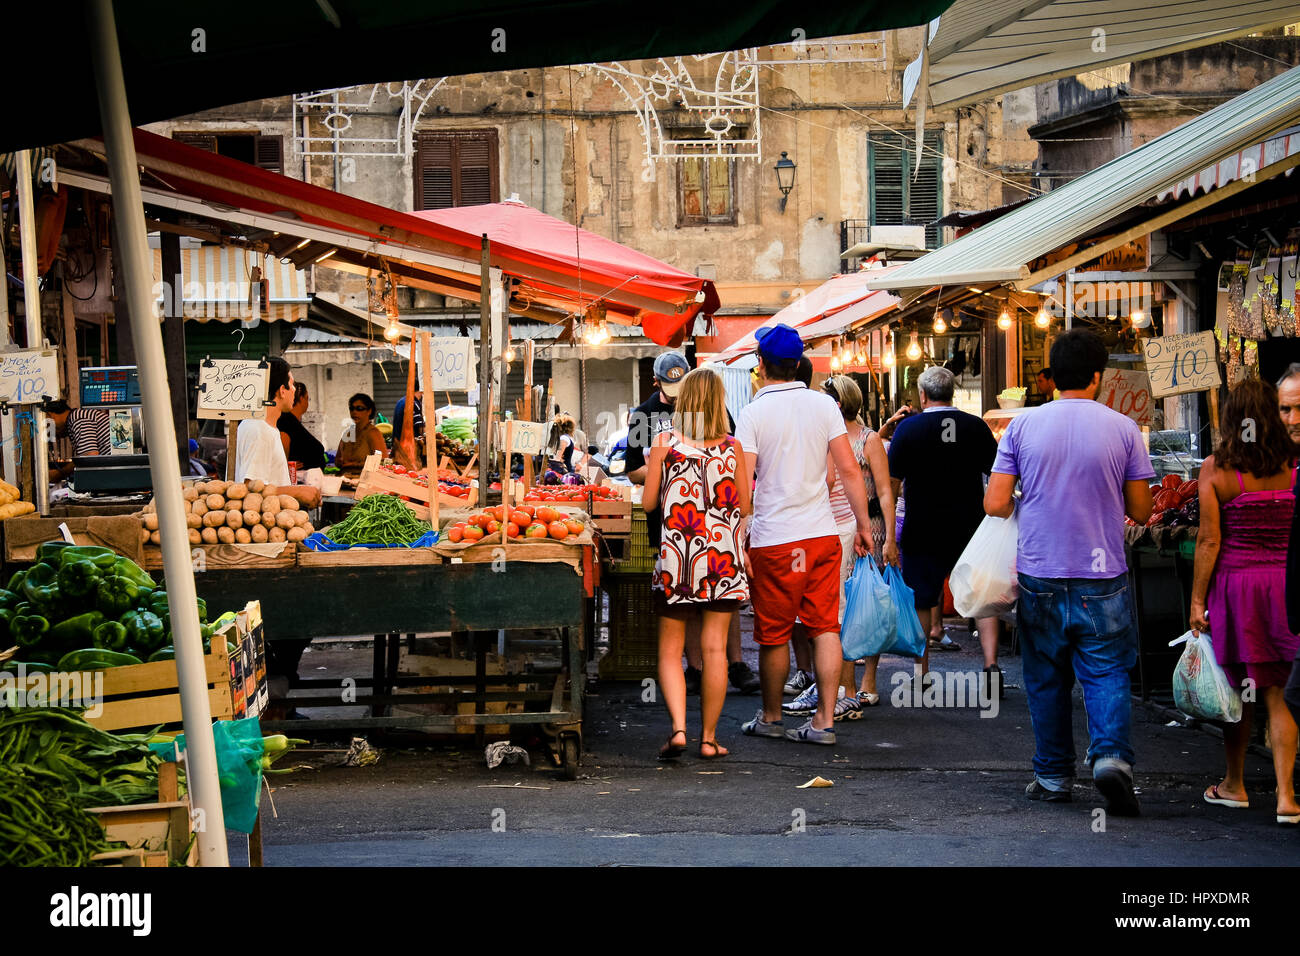 L'Italia, Palermo, Ballarò mercato della frutta Immagini Stock